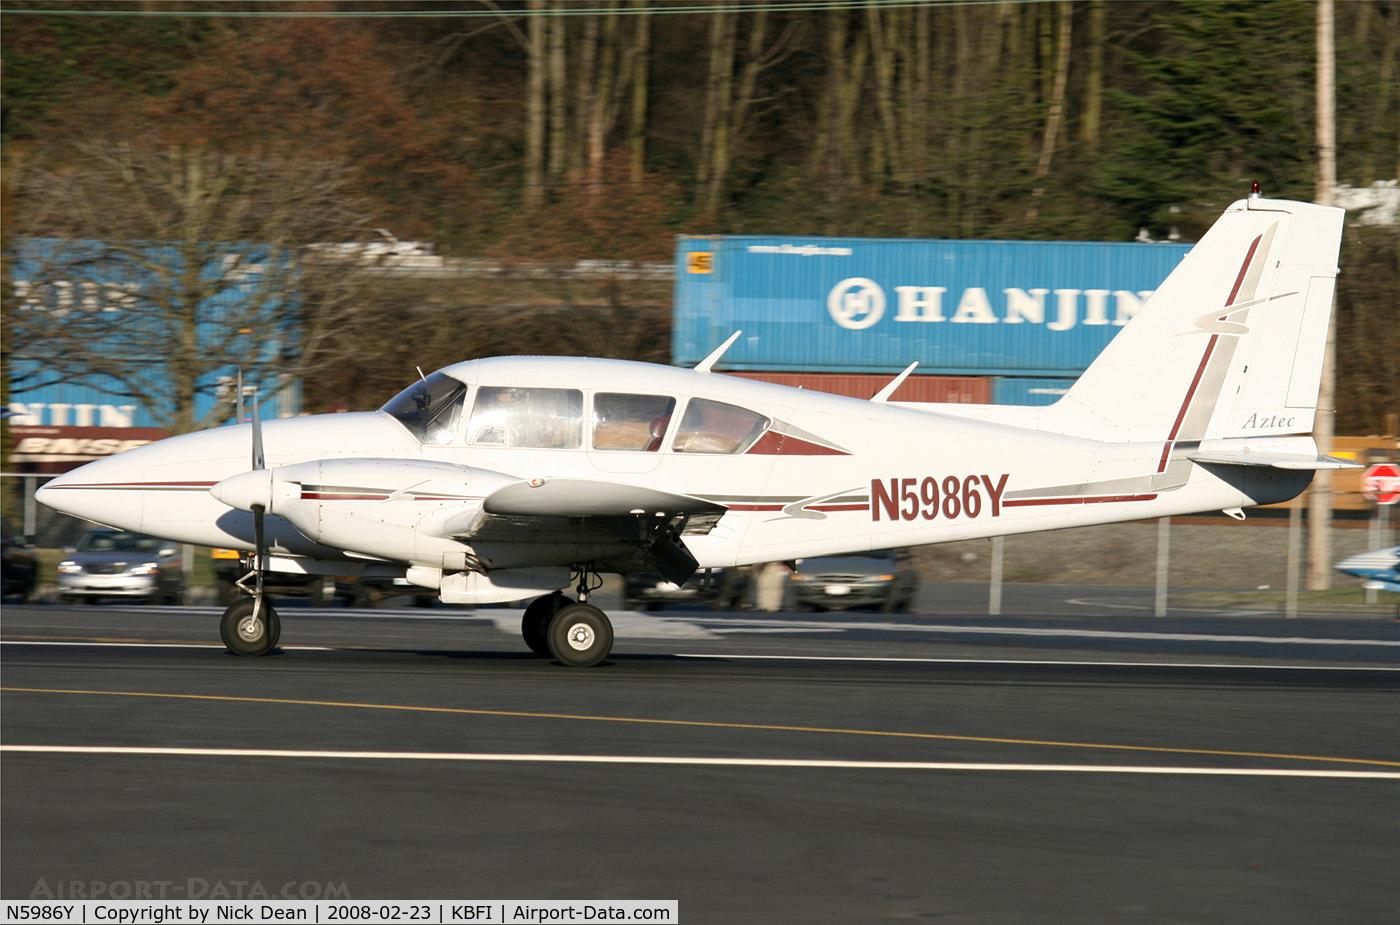 N5986Y, 1966 Piper PA-23-250 C/N 27-3159, .